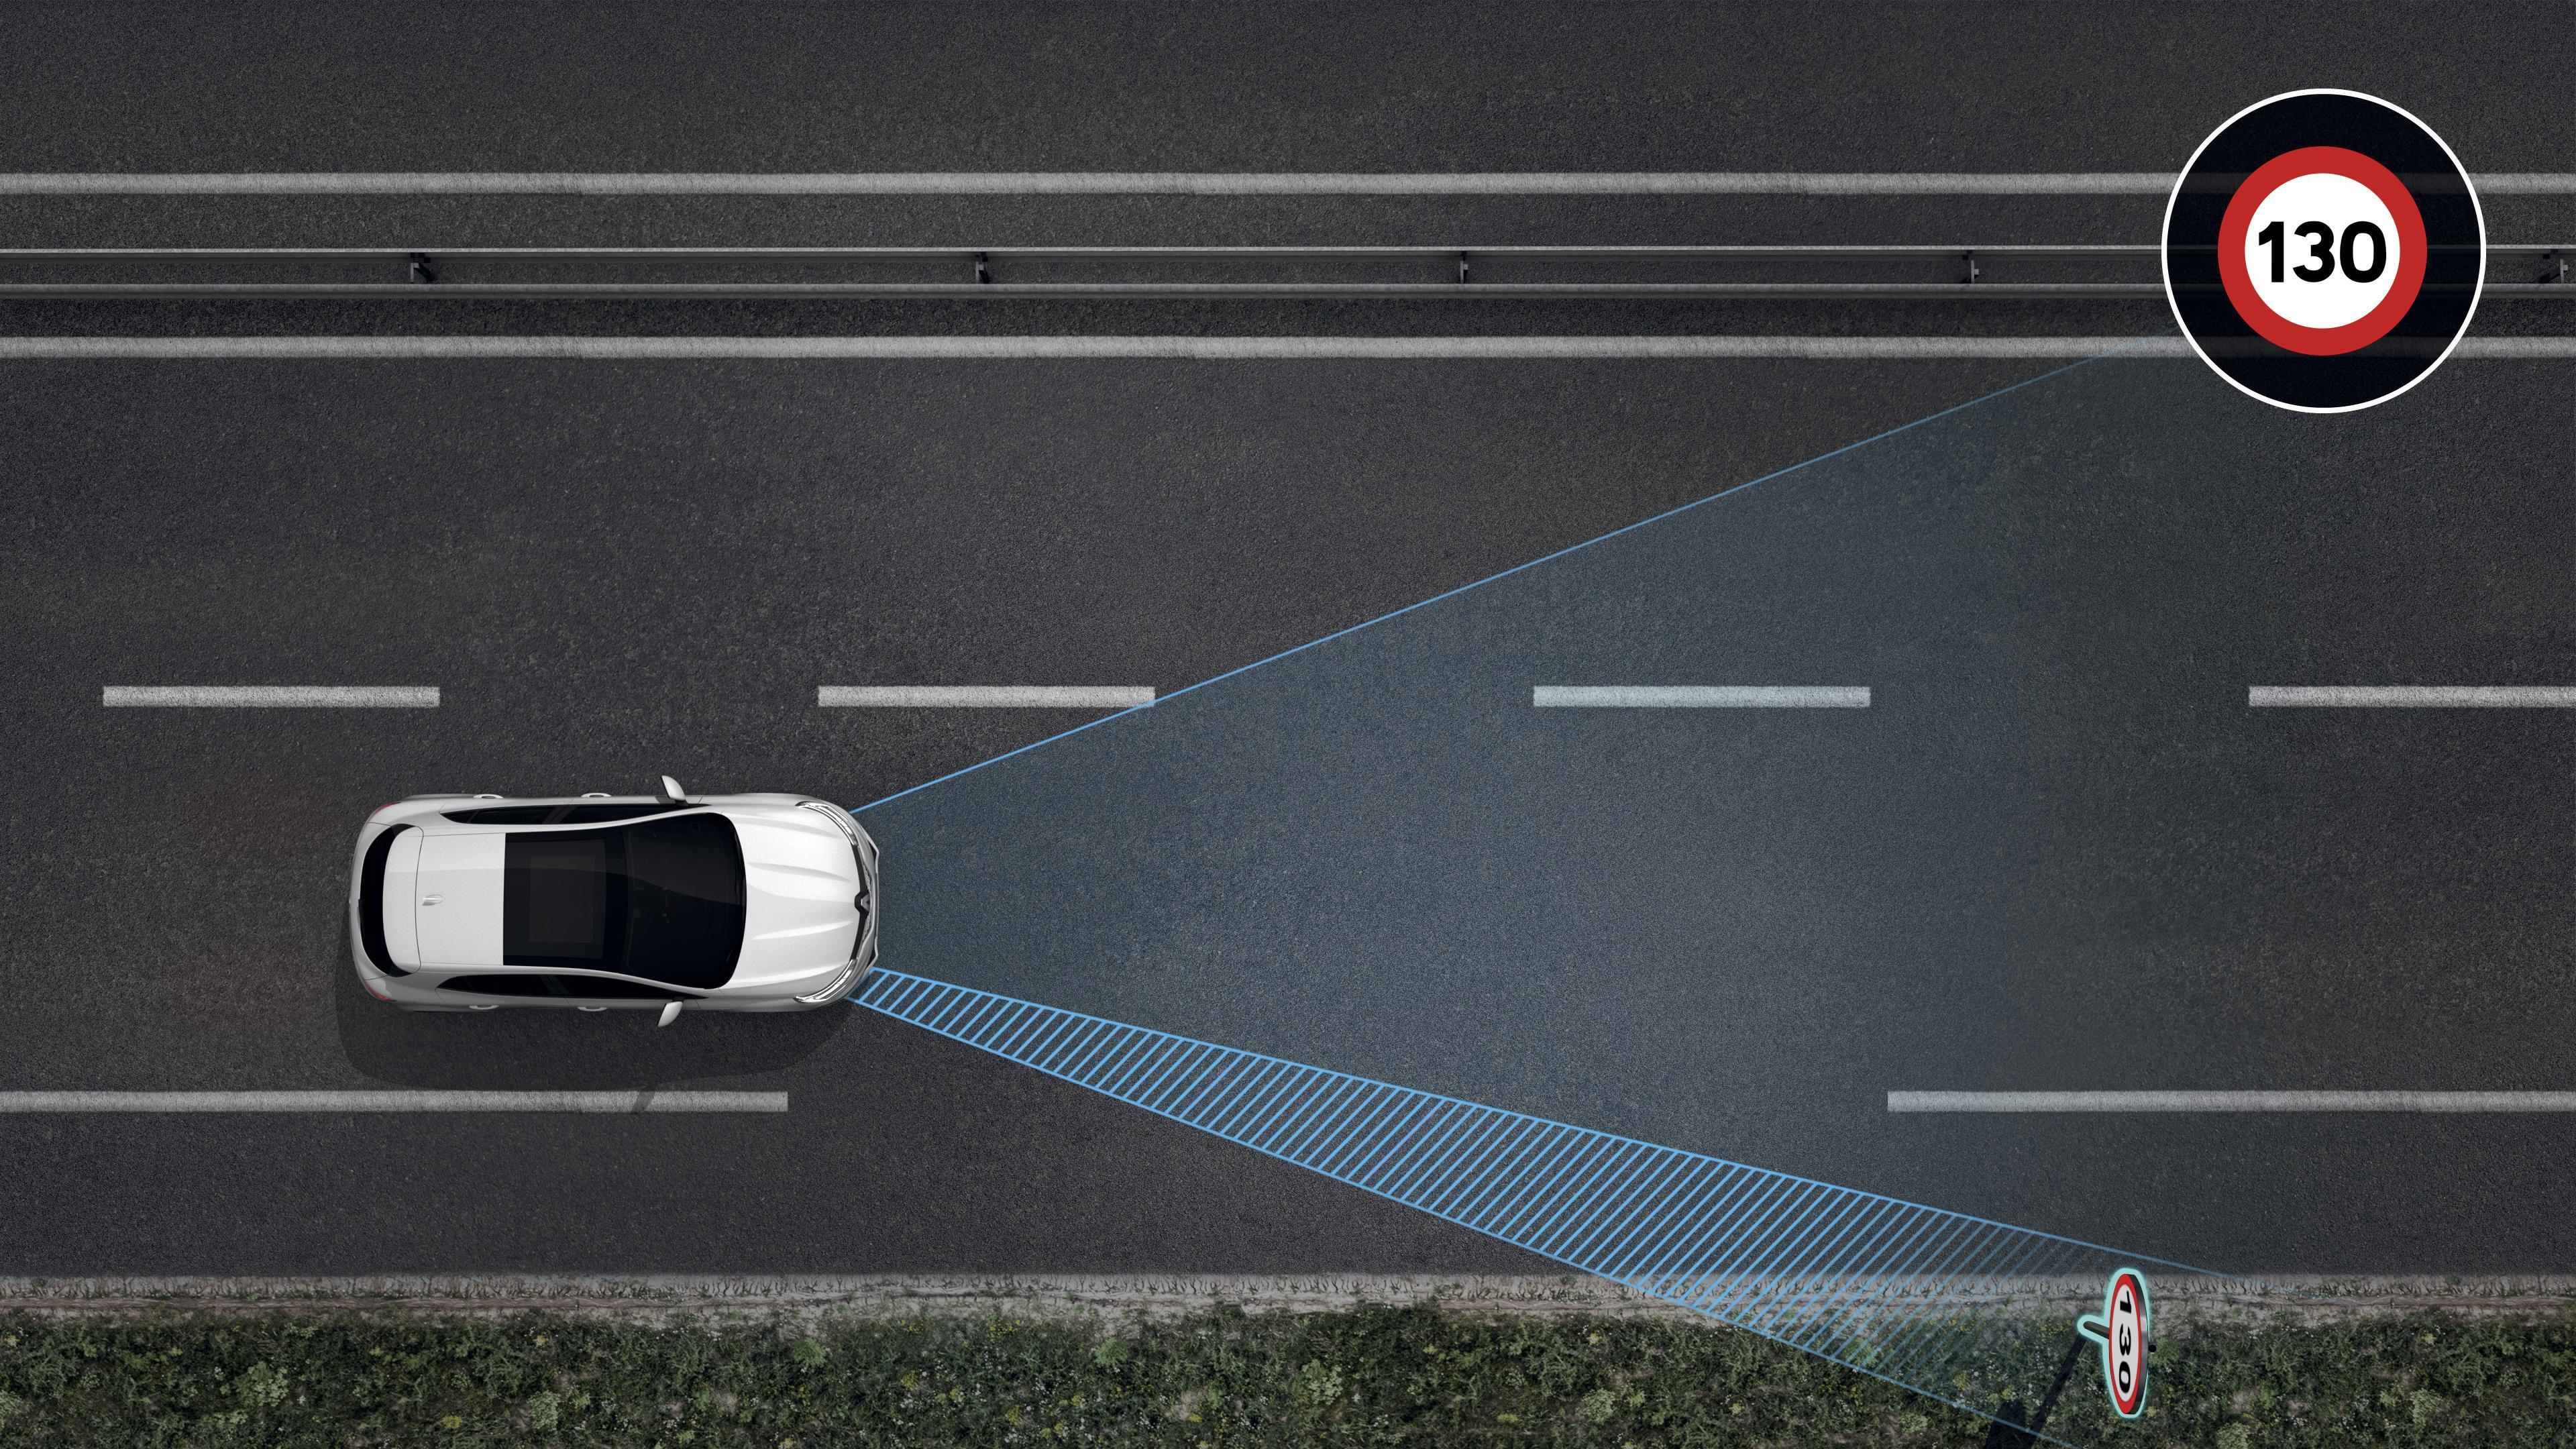 system ostrzegania o nadmiernej prędkości, z funkcją rozpoznawania znaków drogowych